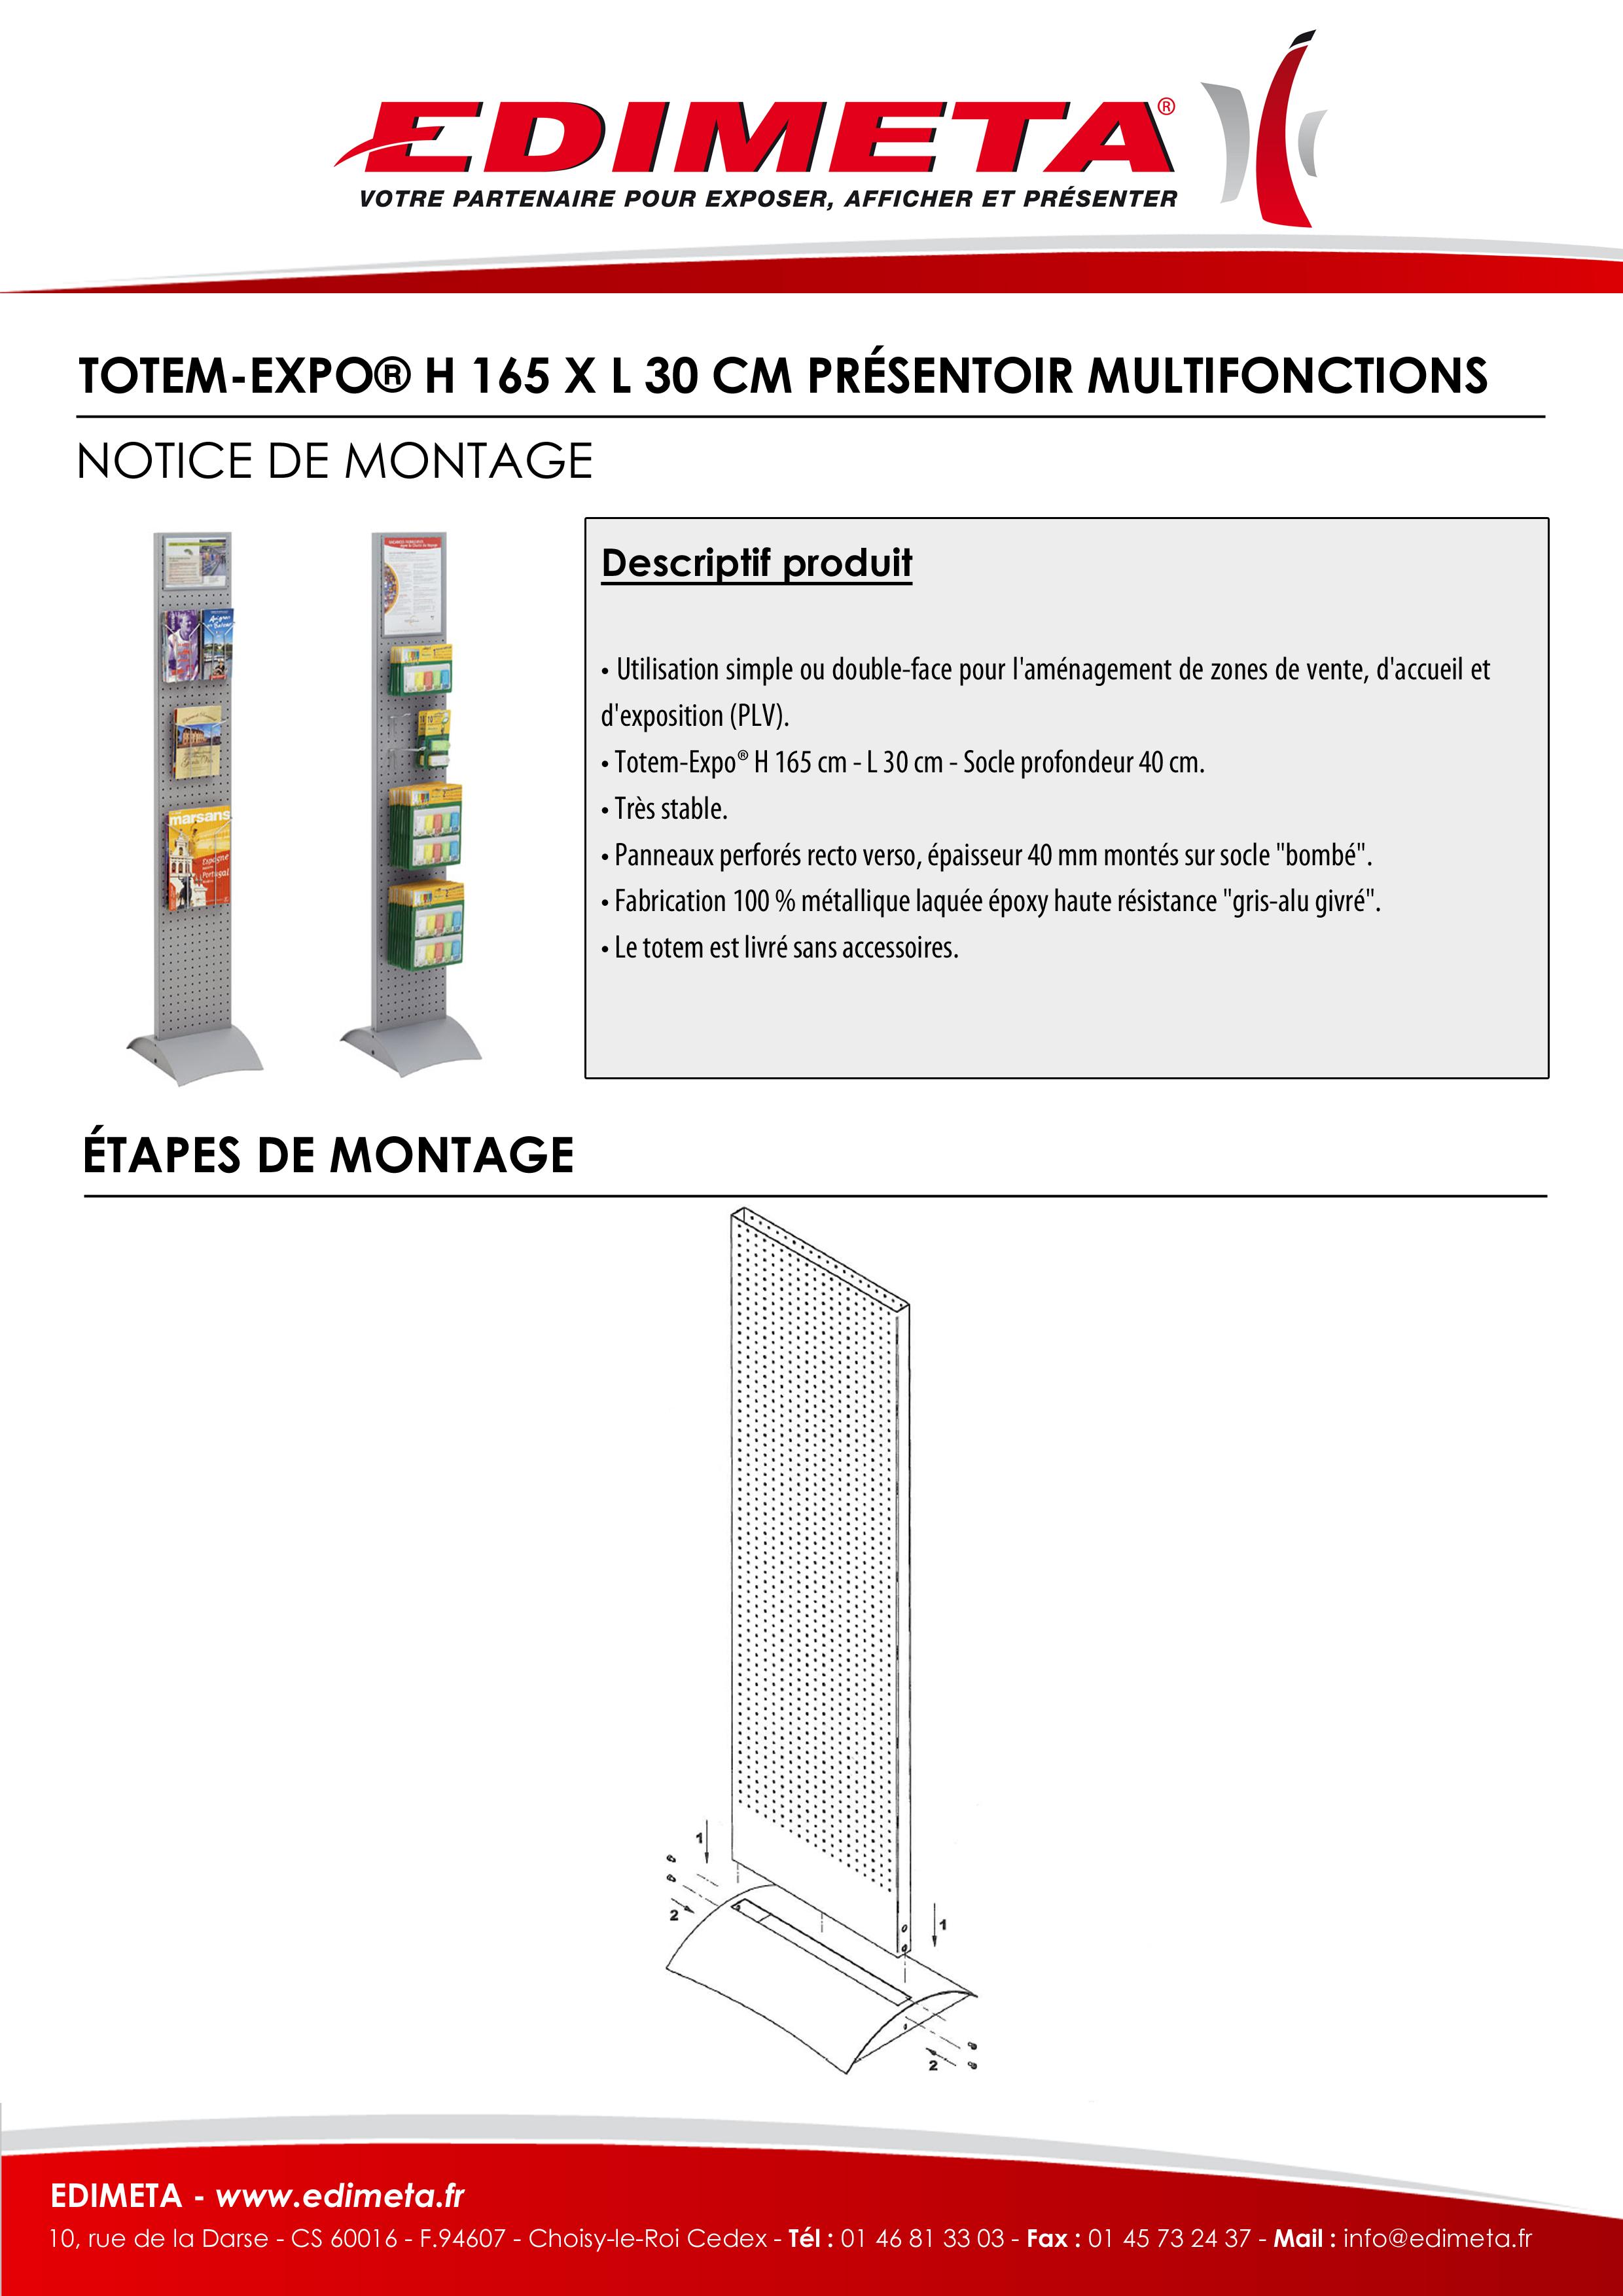 NOTICE DE MONTAGE : TOTEM-EXPO® H 165 X L 30 CM PRÉSENTOIR MULTIFONCTIONS